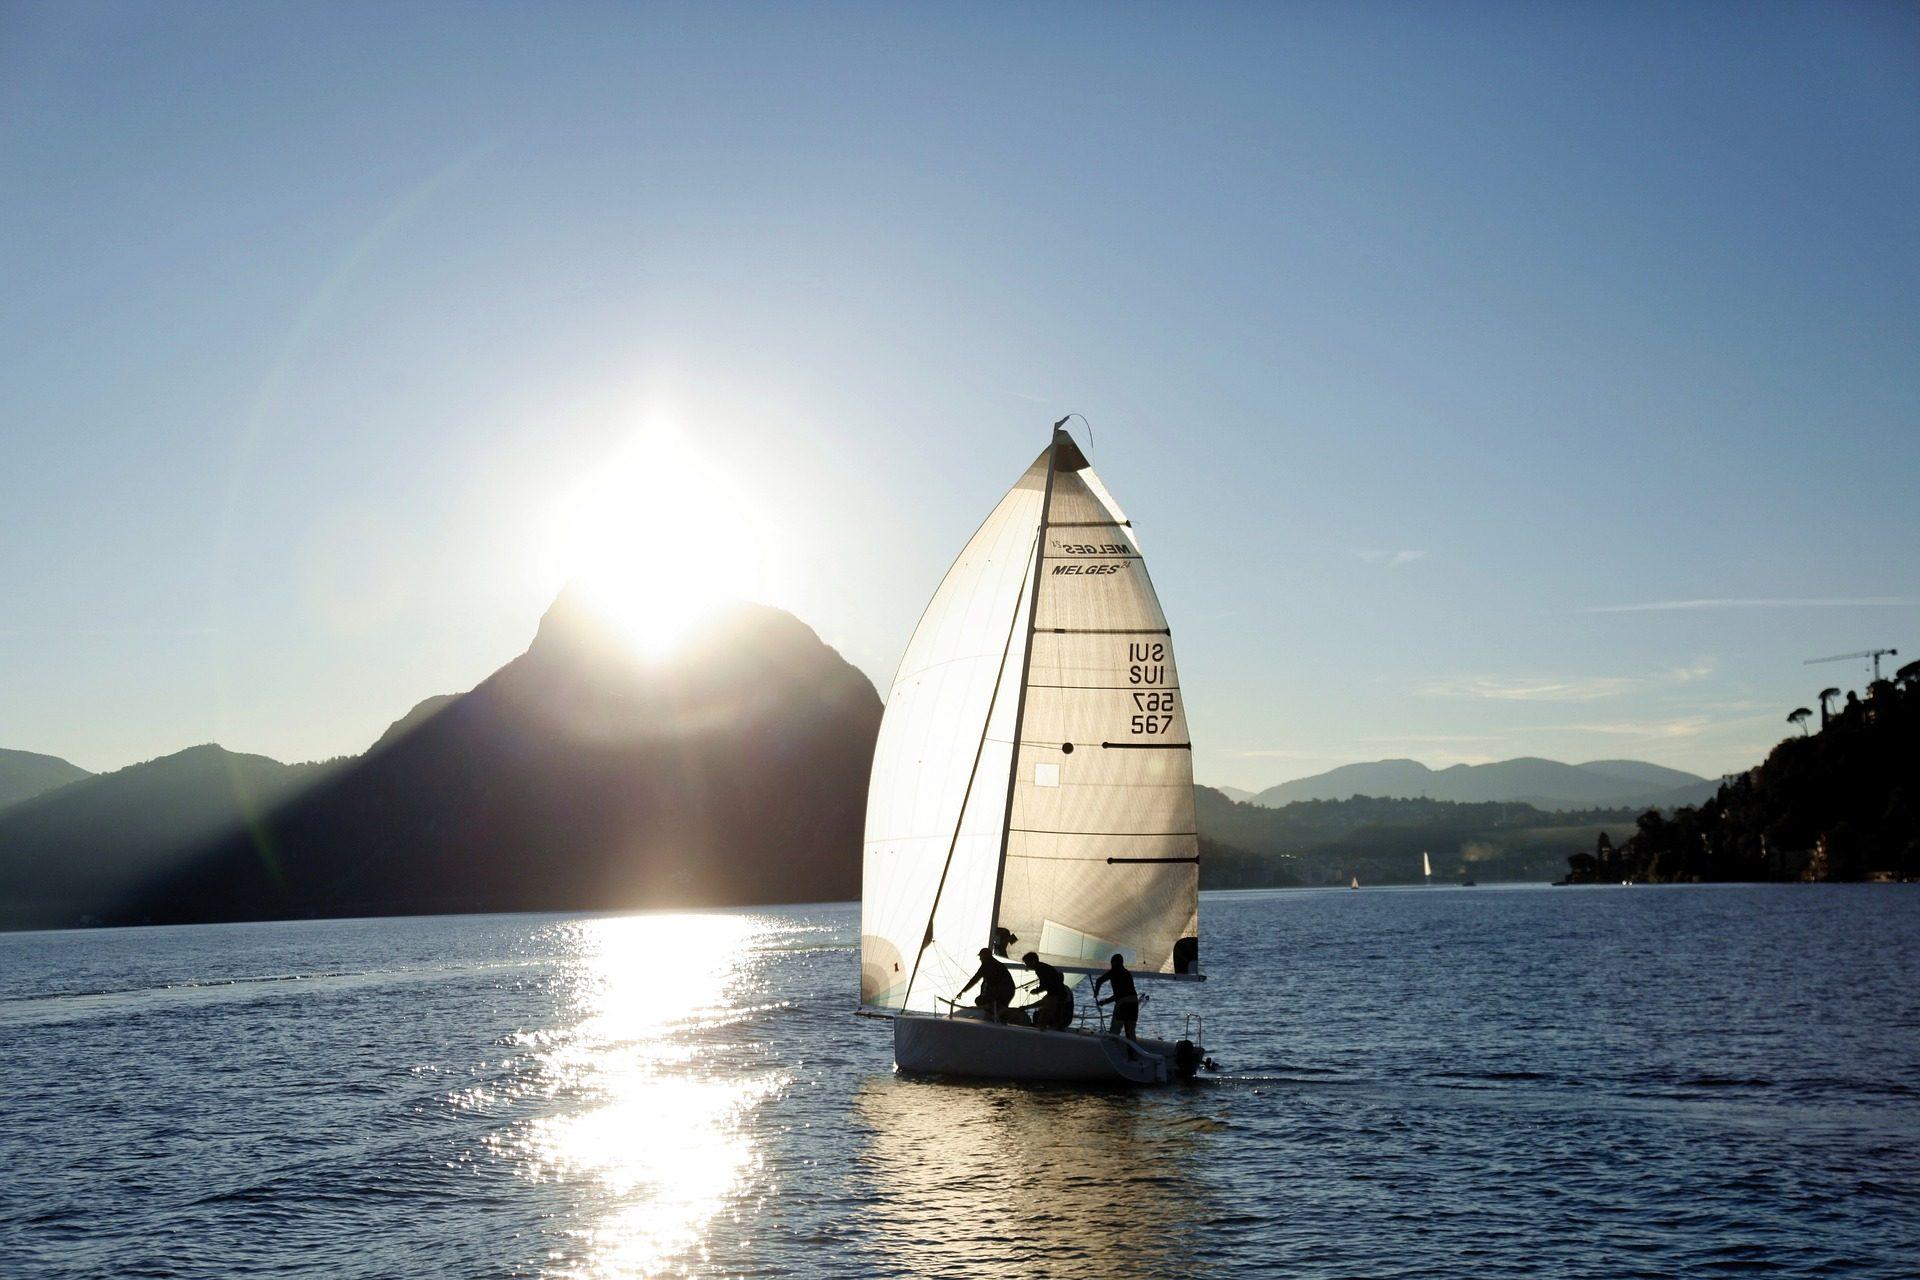 βάρκα, ιστιοφόρο, Θάλασσα, Montañas, Λουγκάνο, Ελβετία - Wallpapers HD - Professor-falken.com